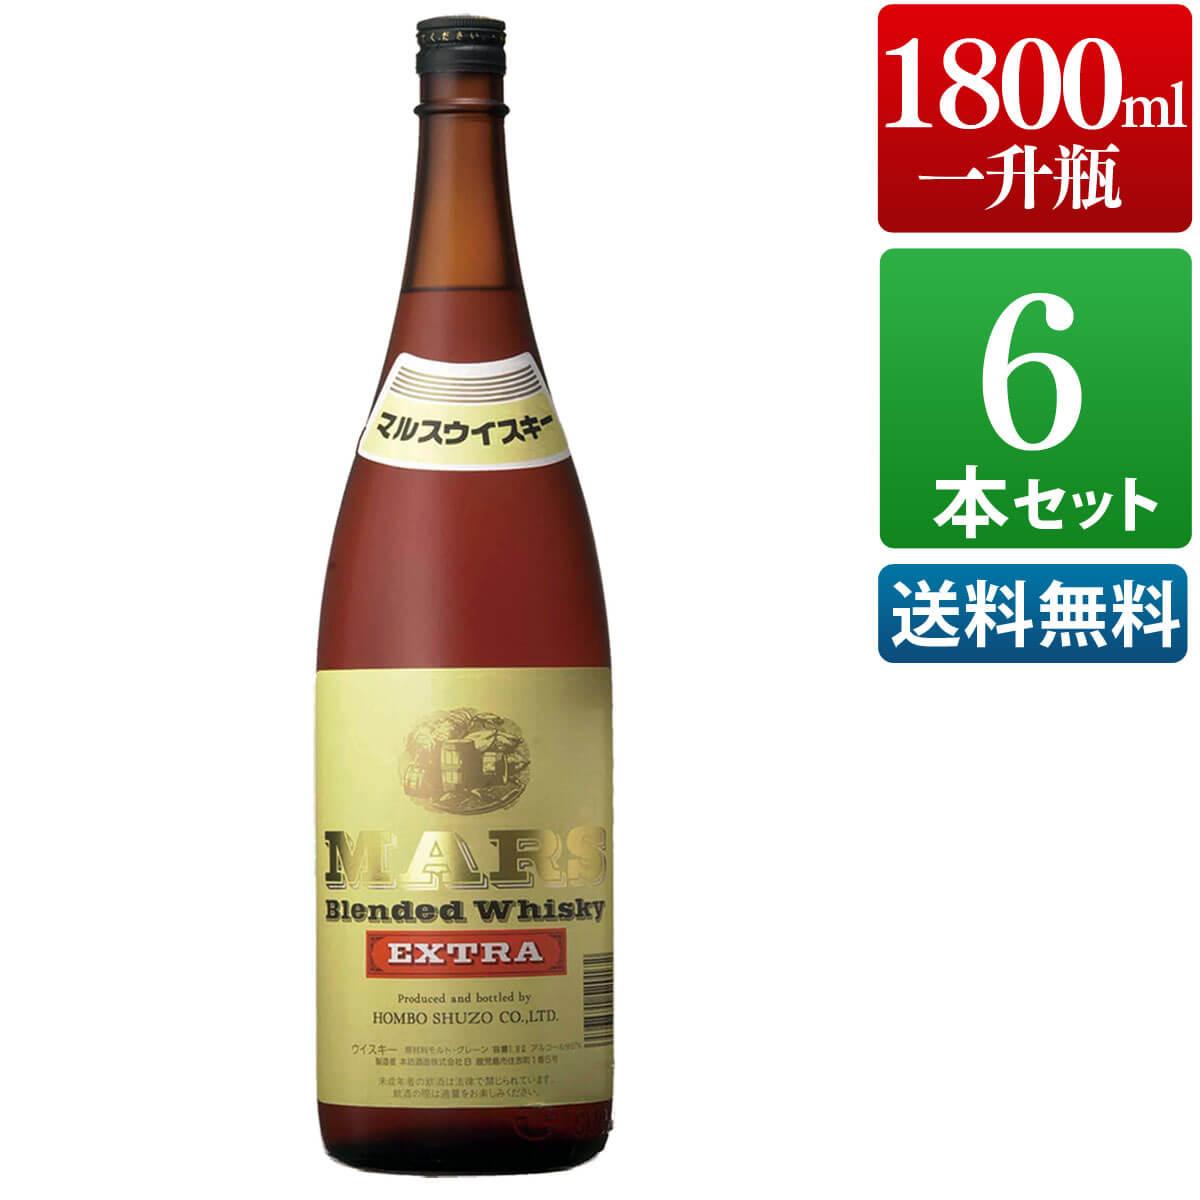 ウイスキー 6本セット マルスウイスキー エクストラ 37度 1800ml [ 本坊酒造 ウイスキー / 送料無料 ]